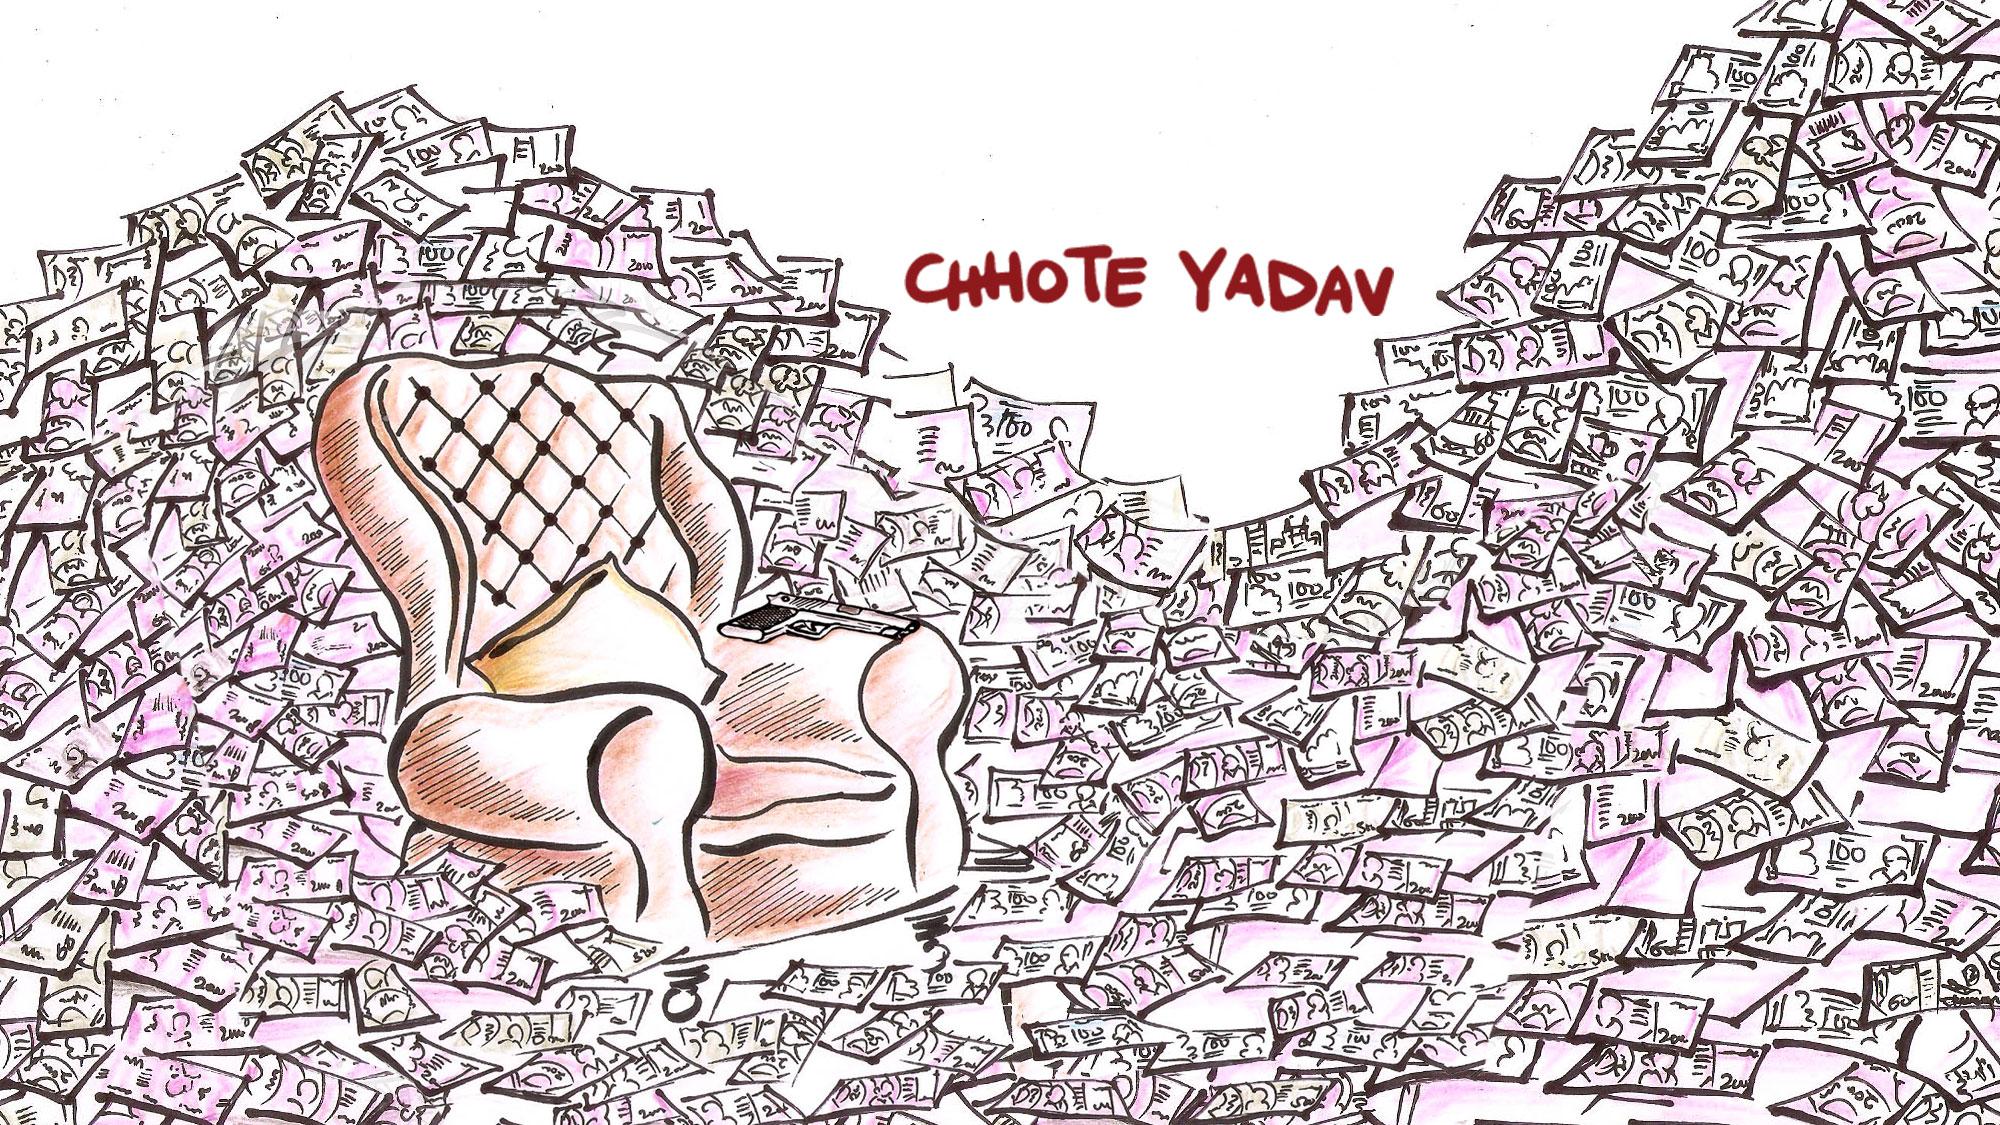 Chote Yadav